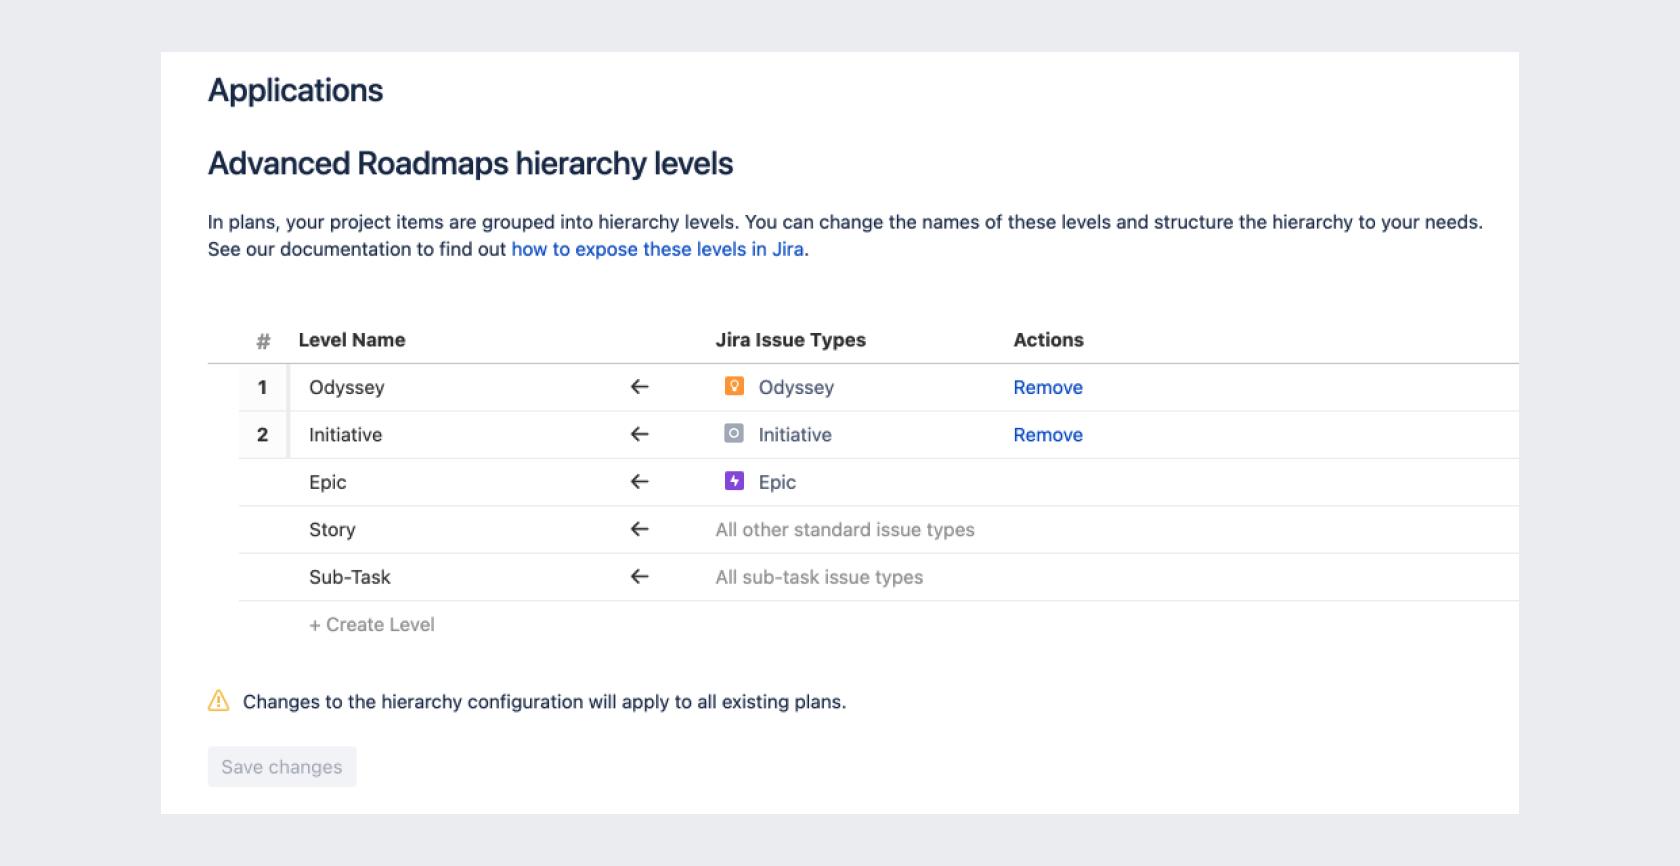 Configurar los niveles de una jerarquía en Advanced Roadmaps